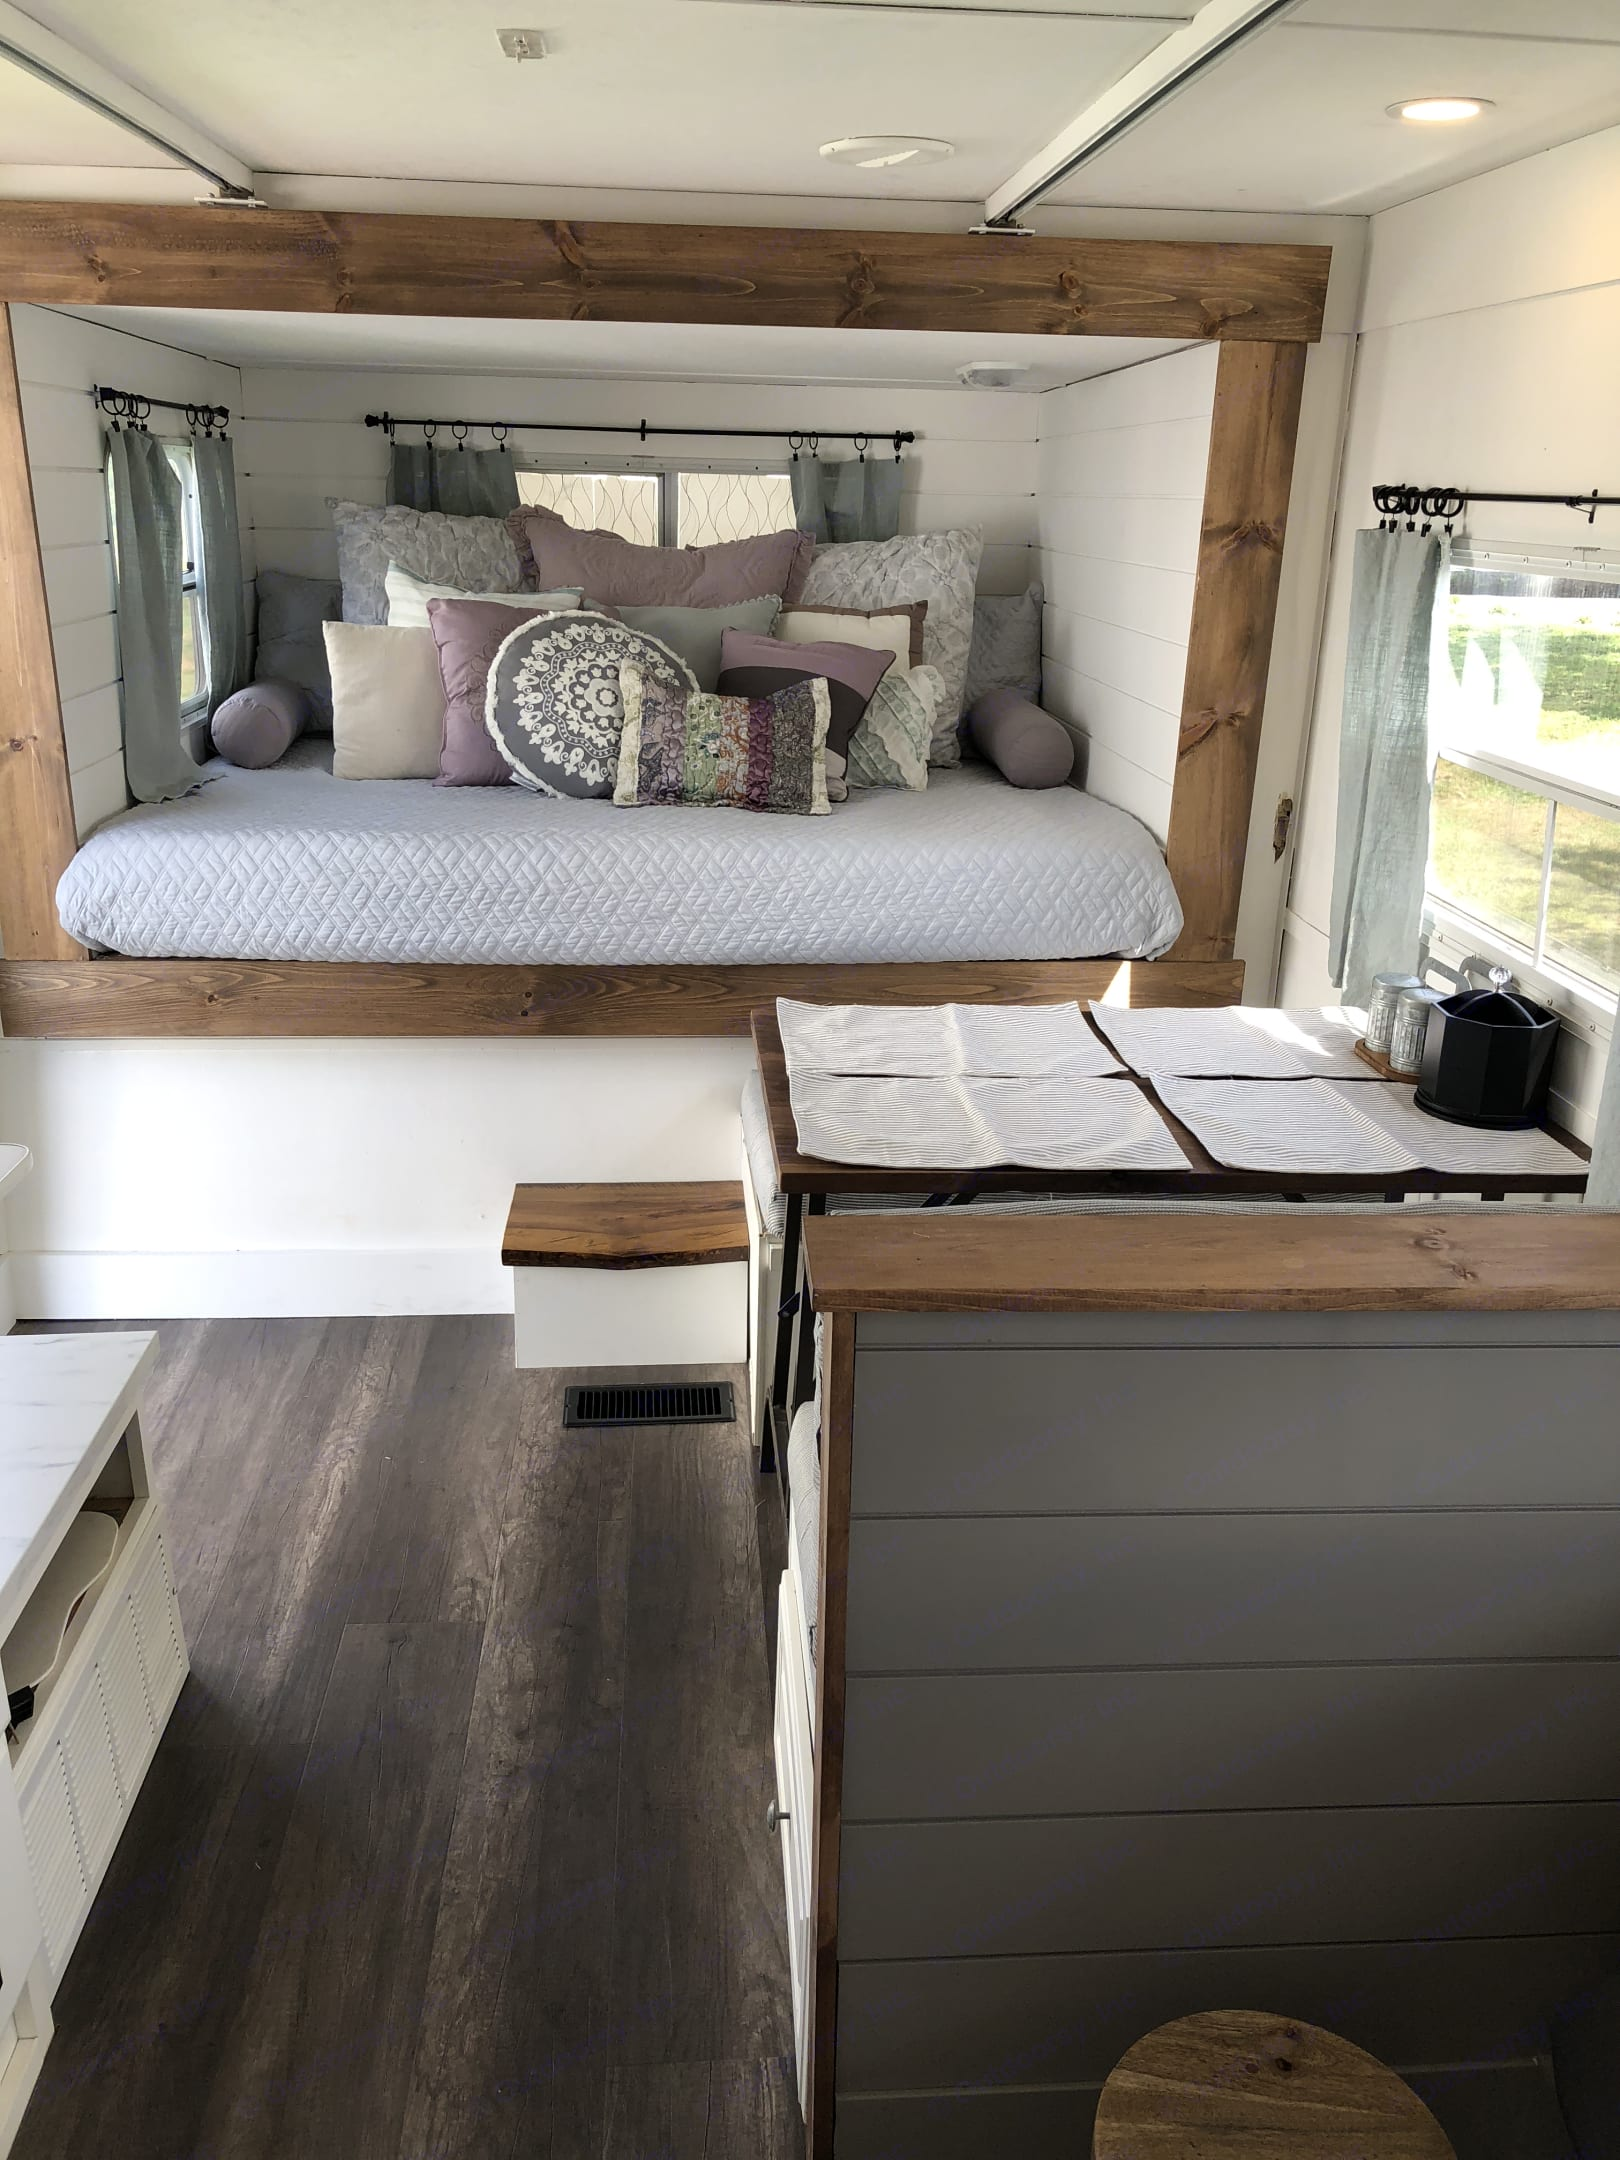 A cozy retreat awaits you! . Keystone Outback 2004